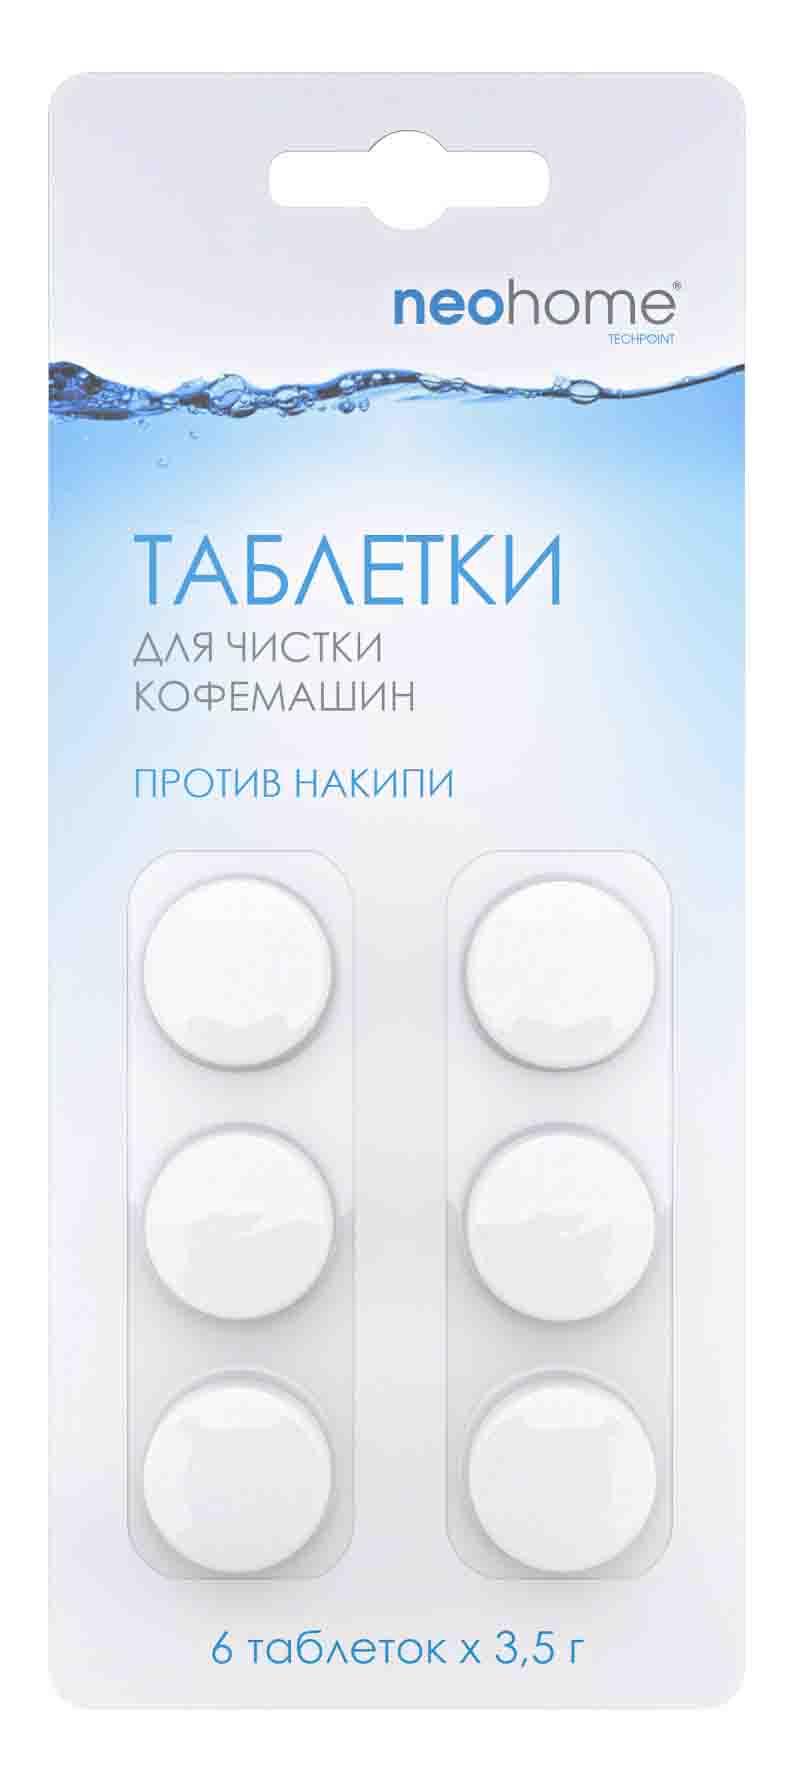 Специальное чистящее средство Techpoint 1000, белый цены онлайн